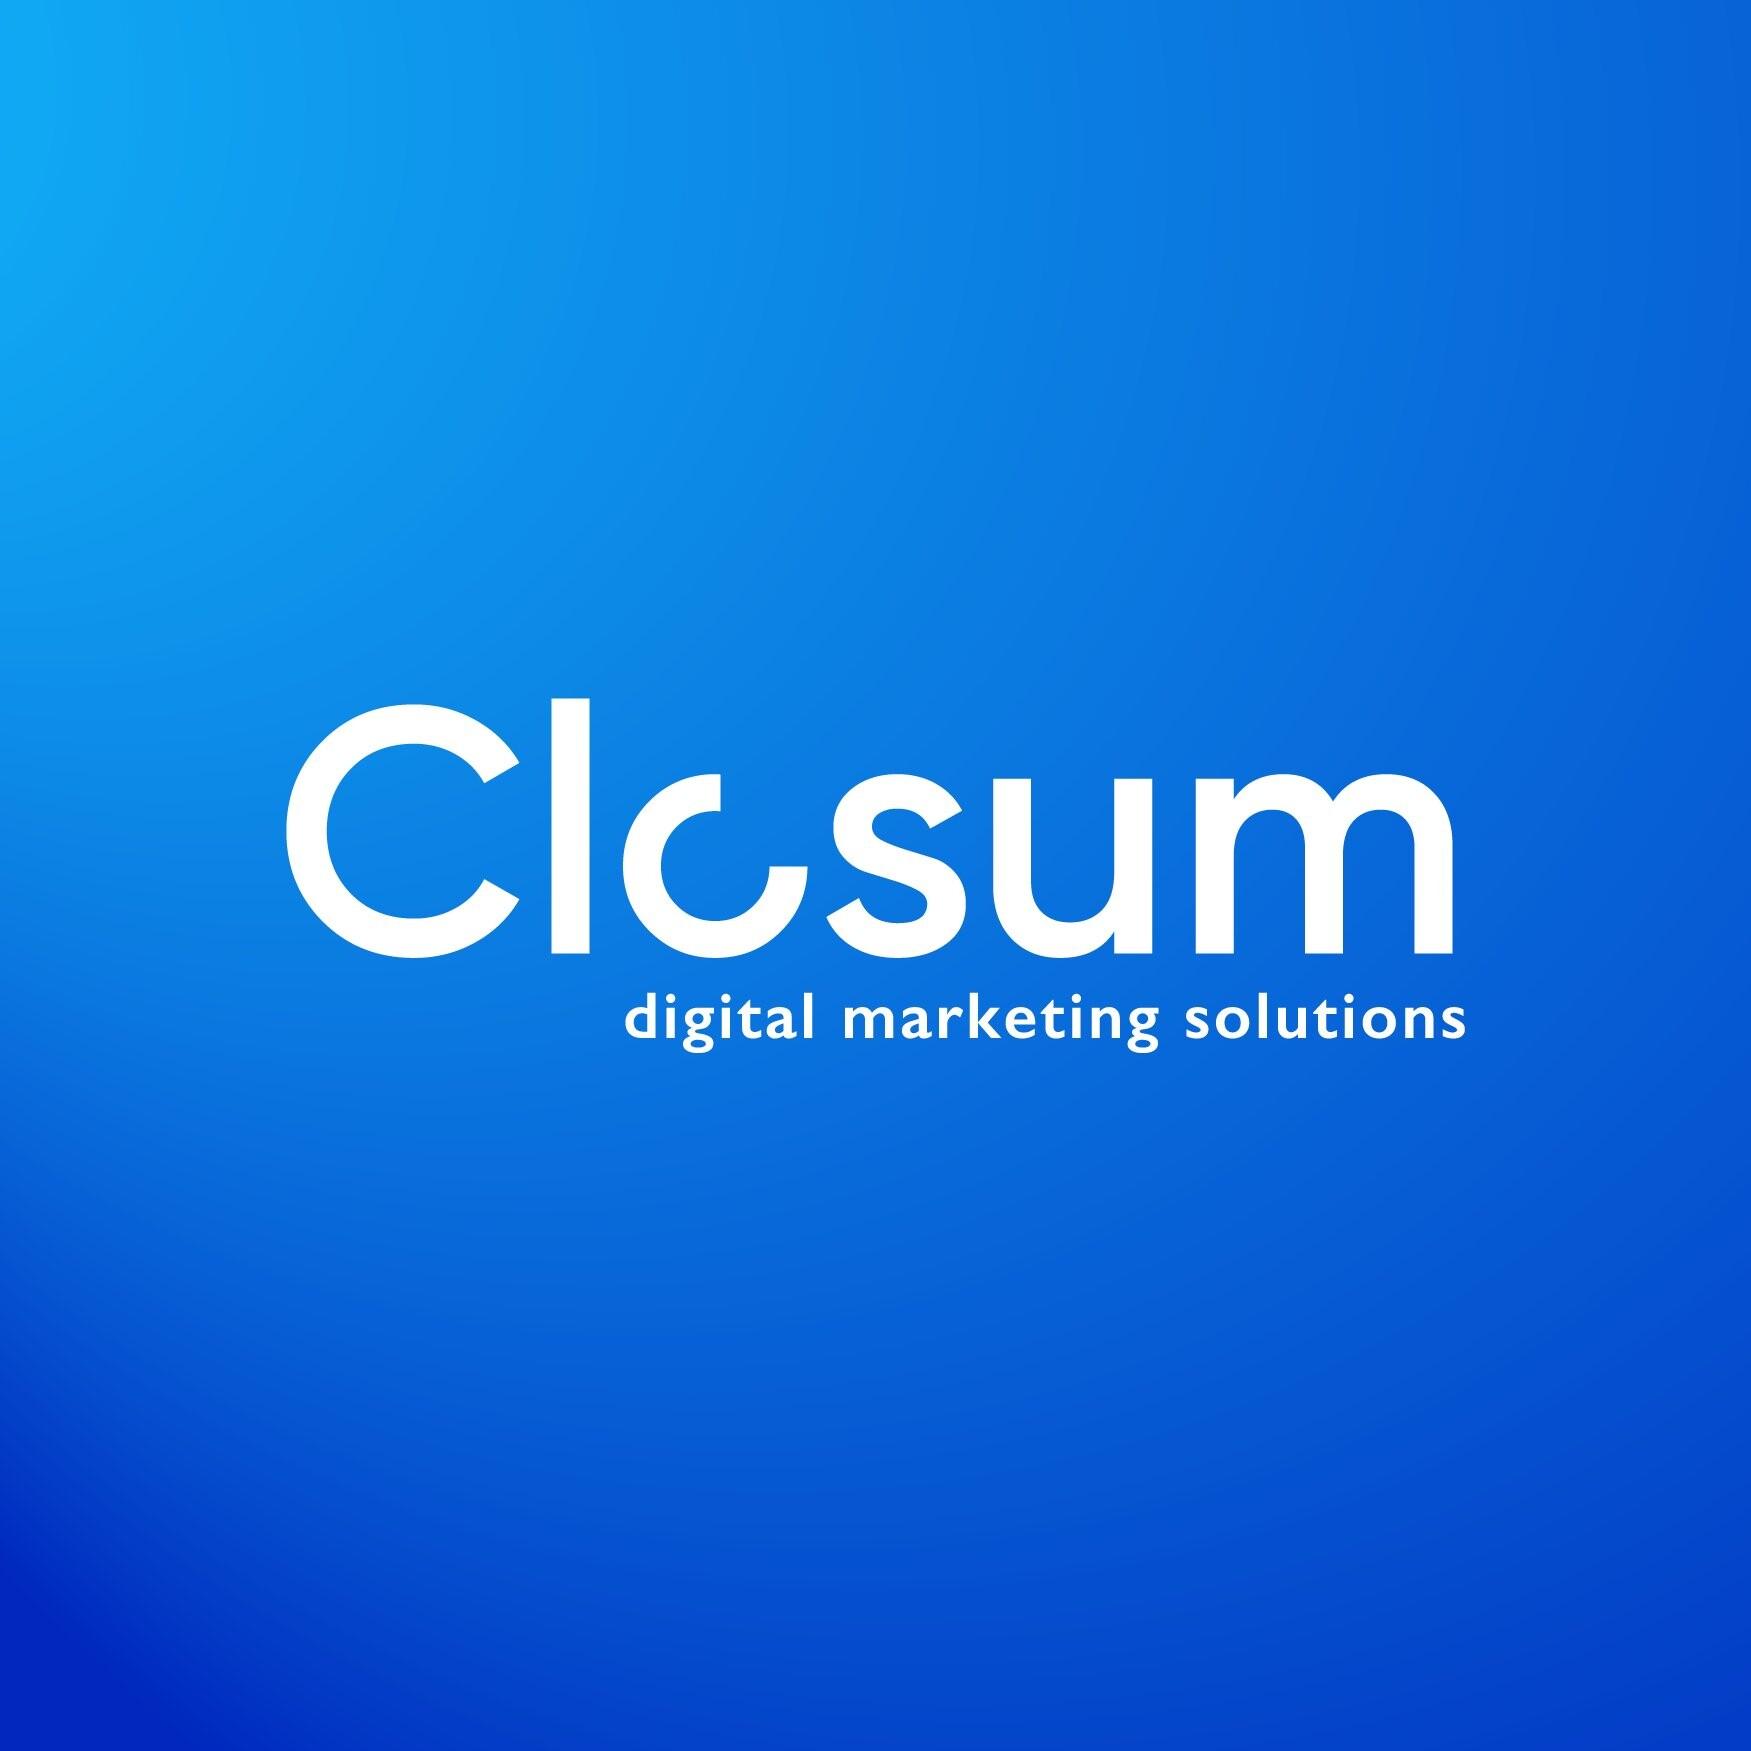 Closum